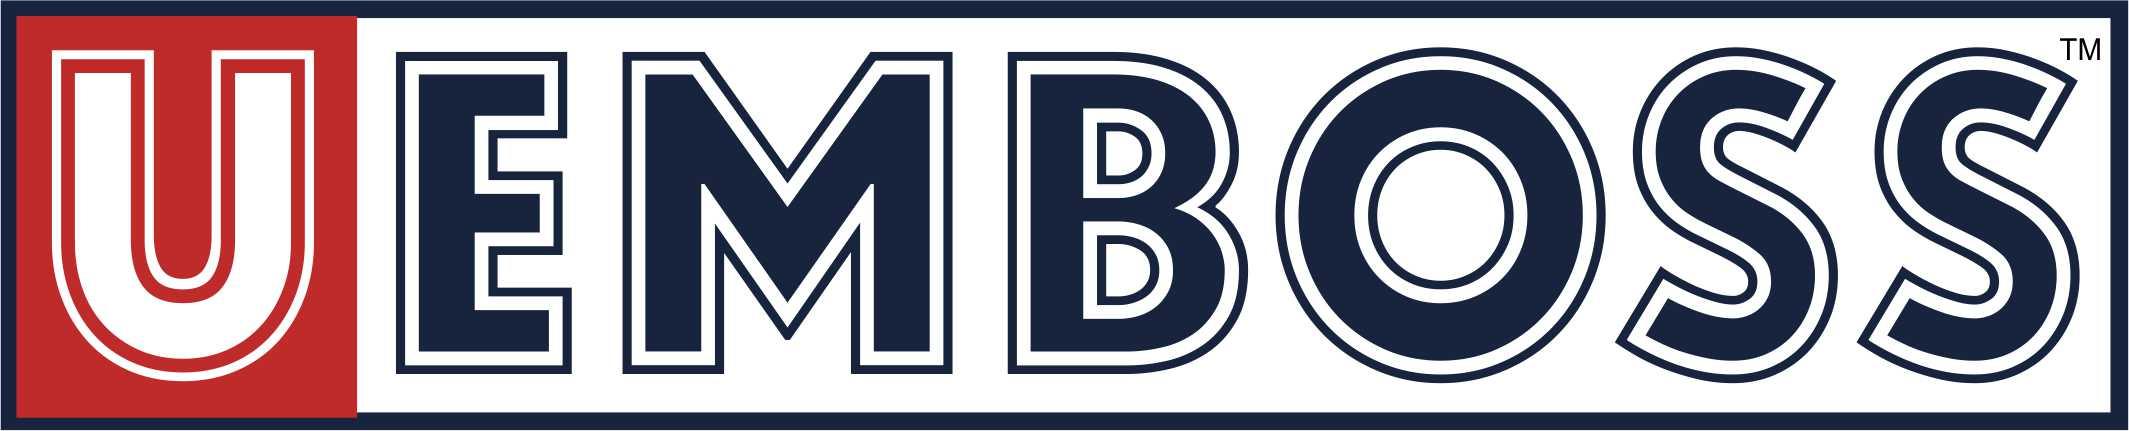 UEmboss Logo